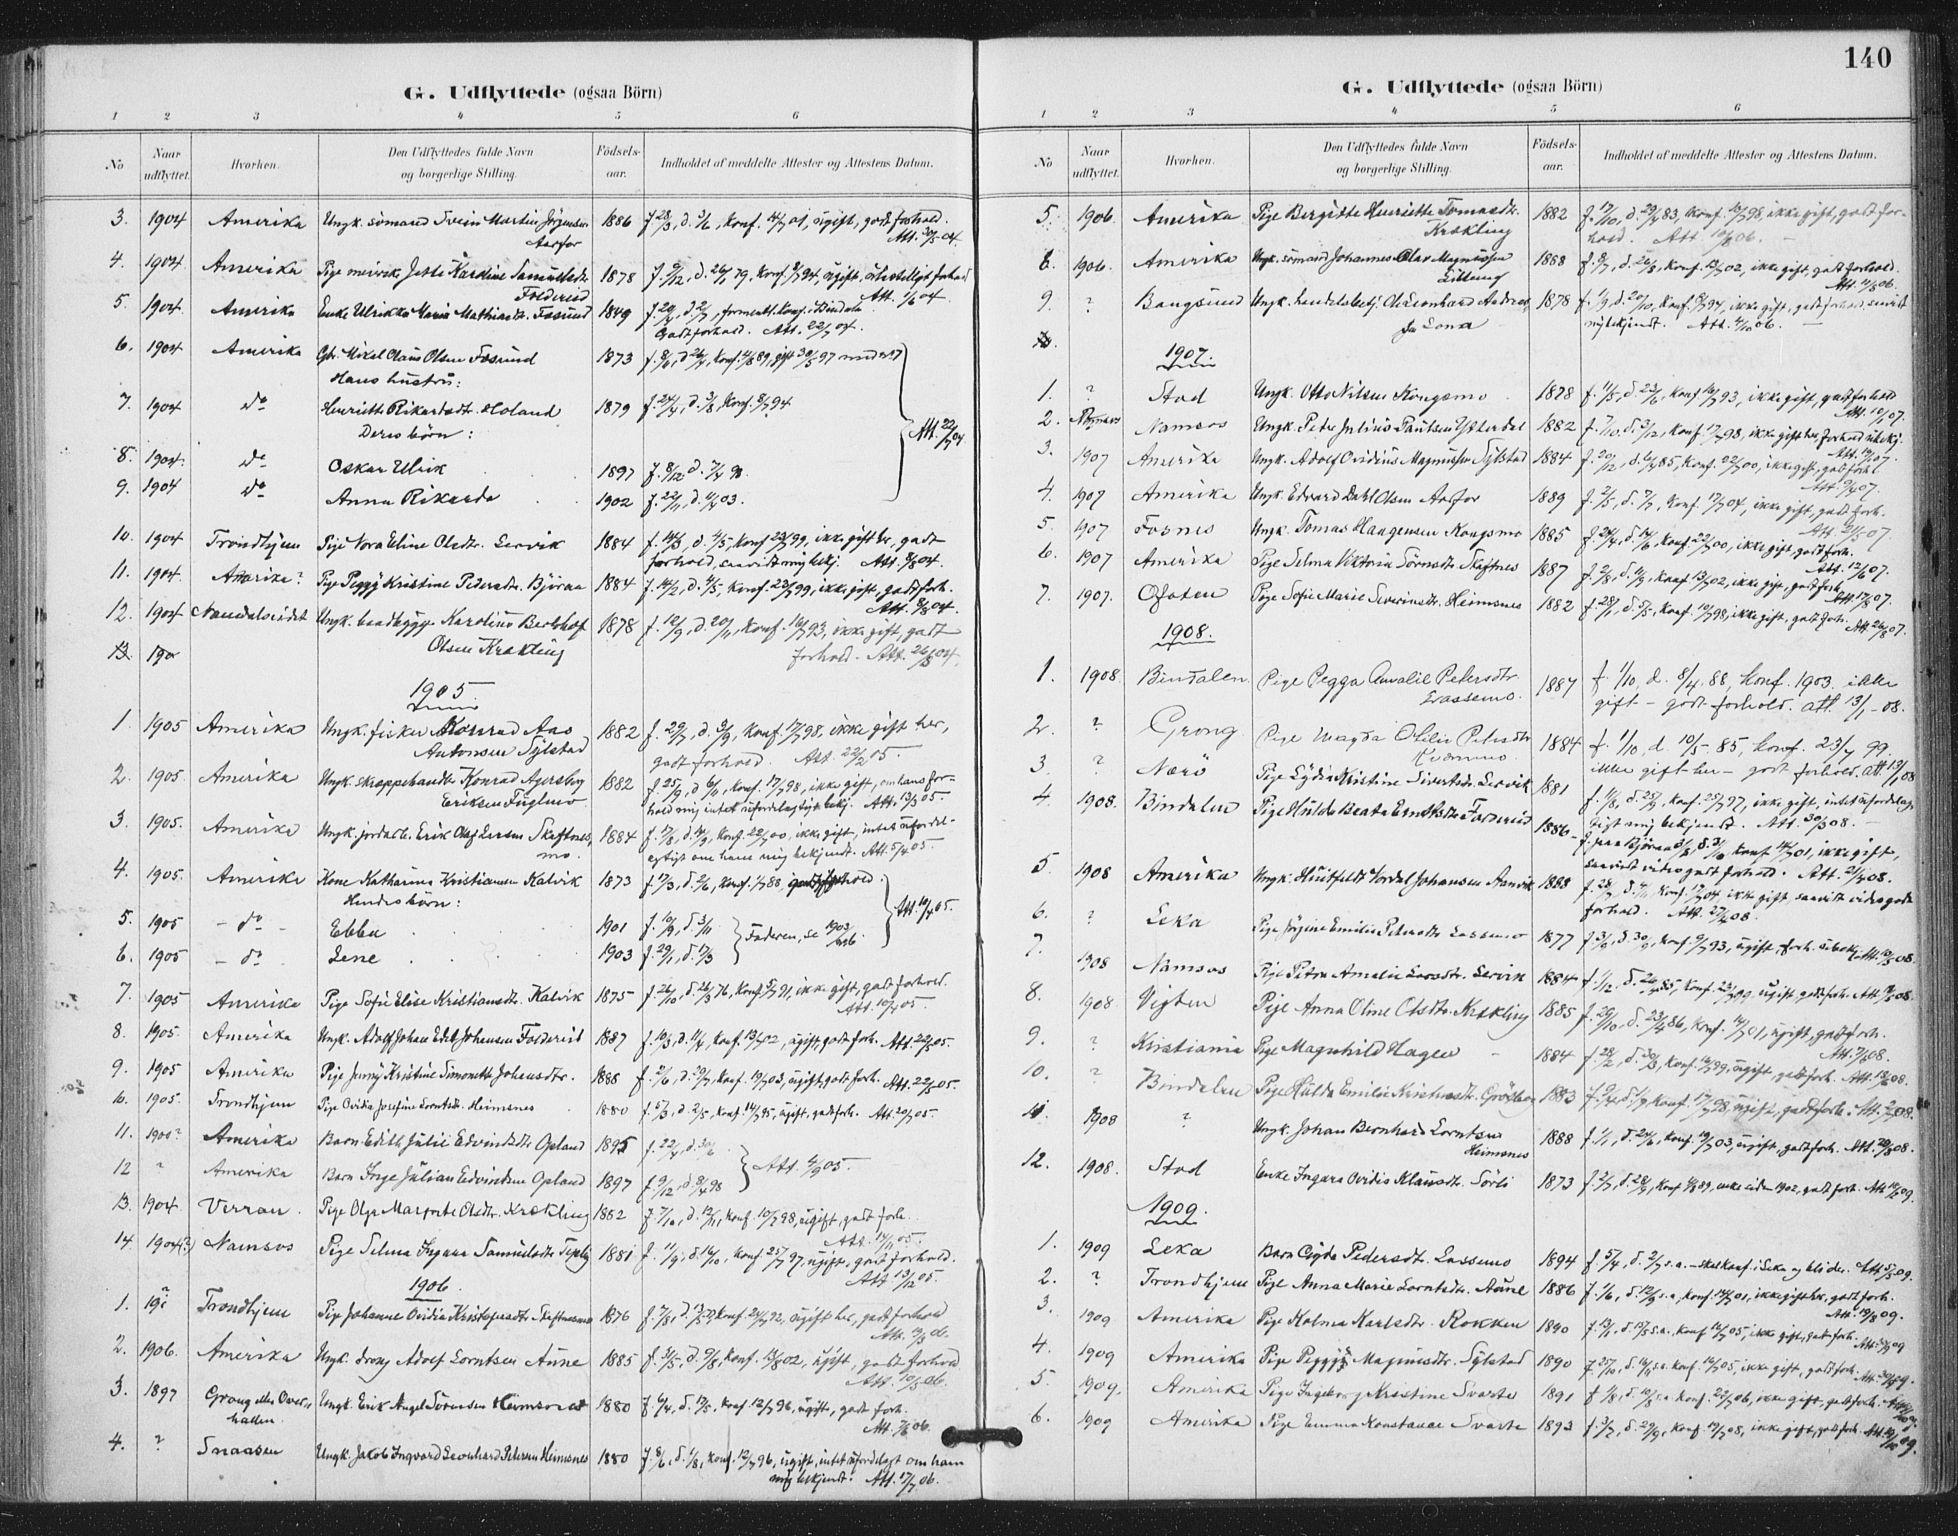 SAT, Ministerialprotokoller, klokkerbøker og fødselsregistre - Nord-Trøndelag, 783/L0660: Ministerialbok nr. 783A02, 1886-1918, s. 140